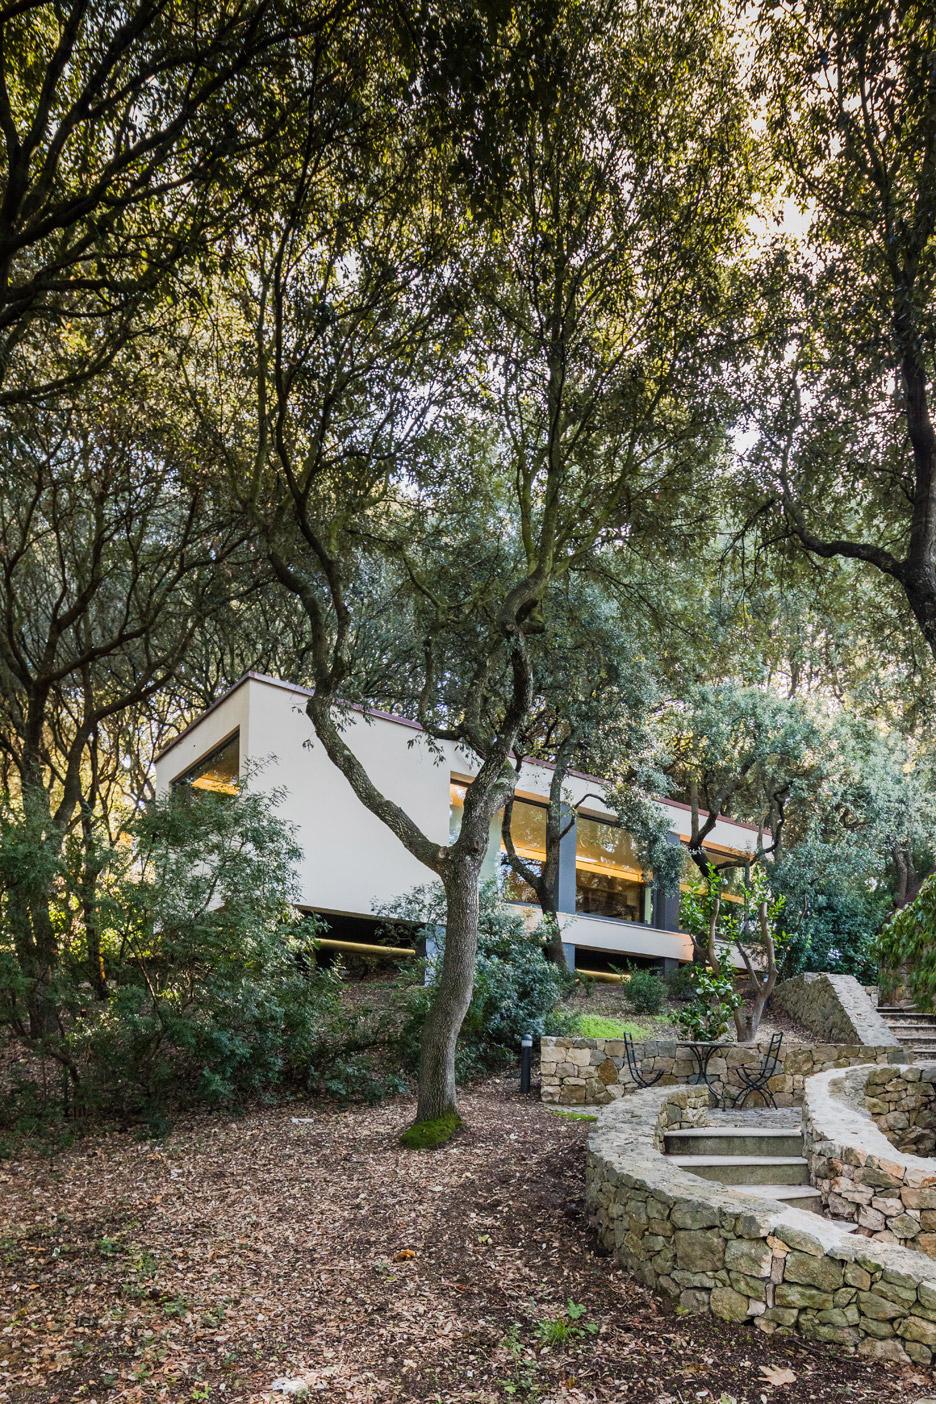 casa-nel-bosco-officina29-architetti-house-in-the-woods-joao-morgado_dezeen_936_8